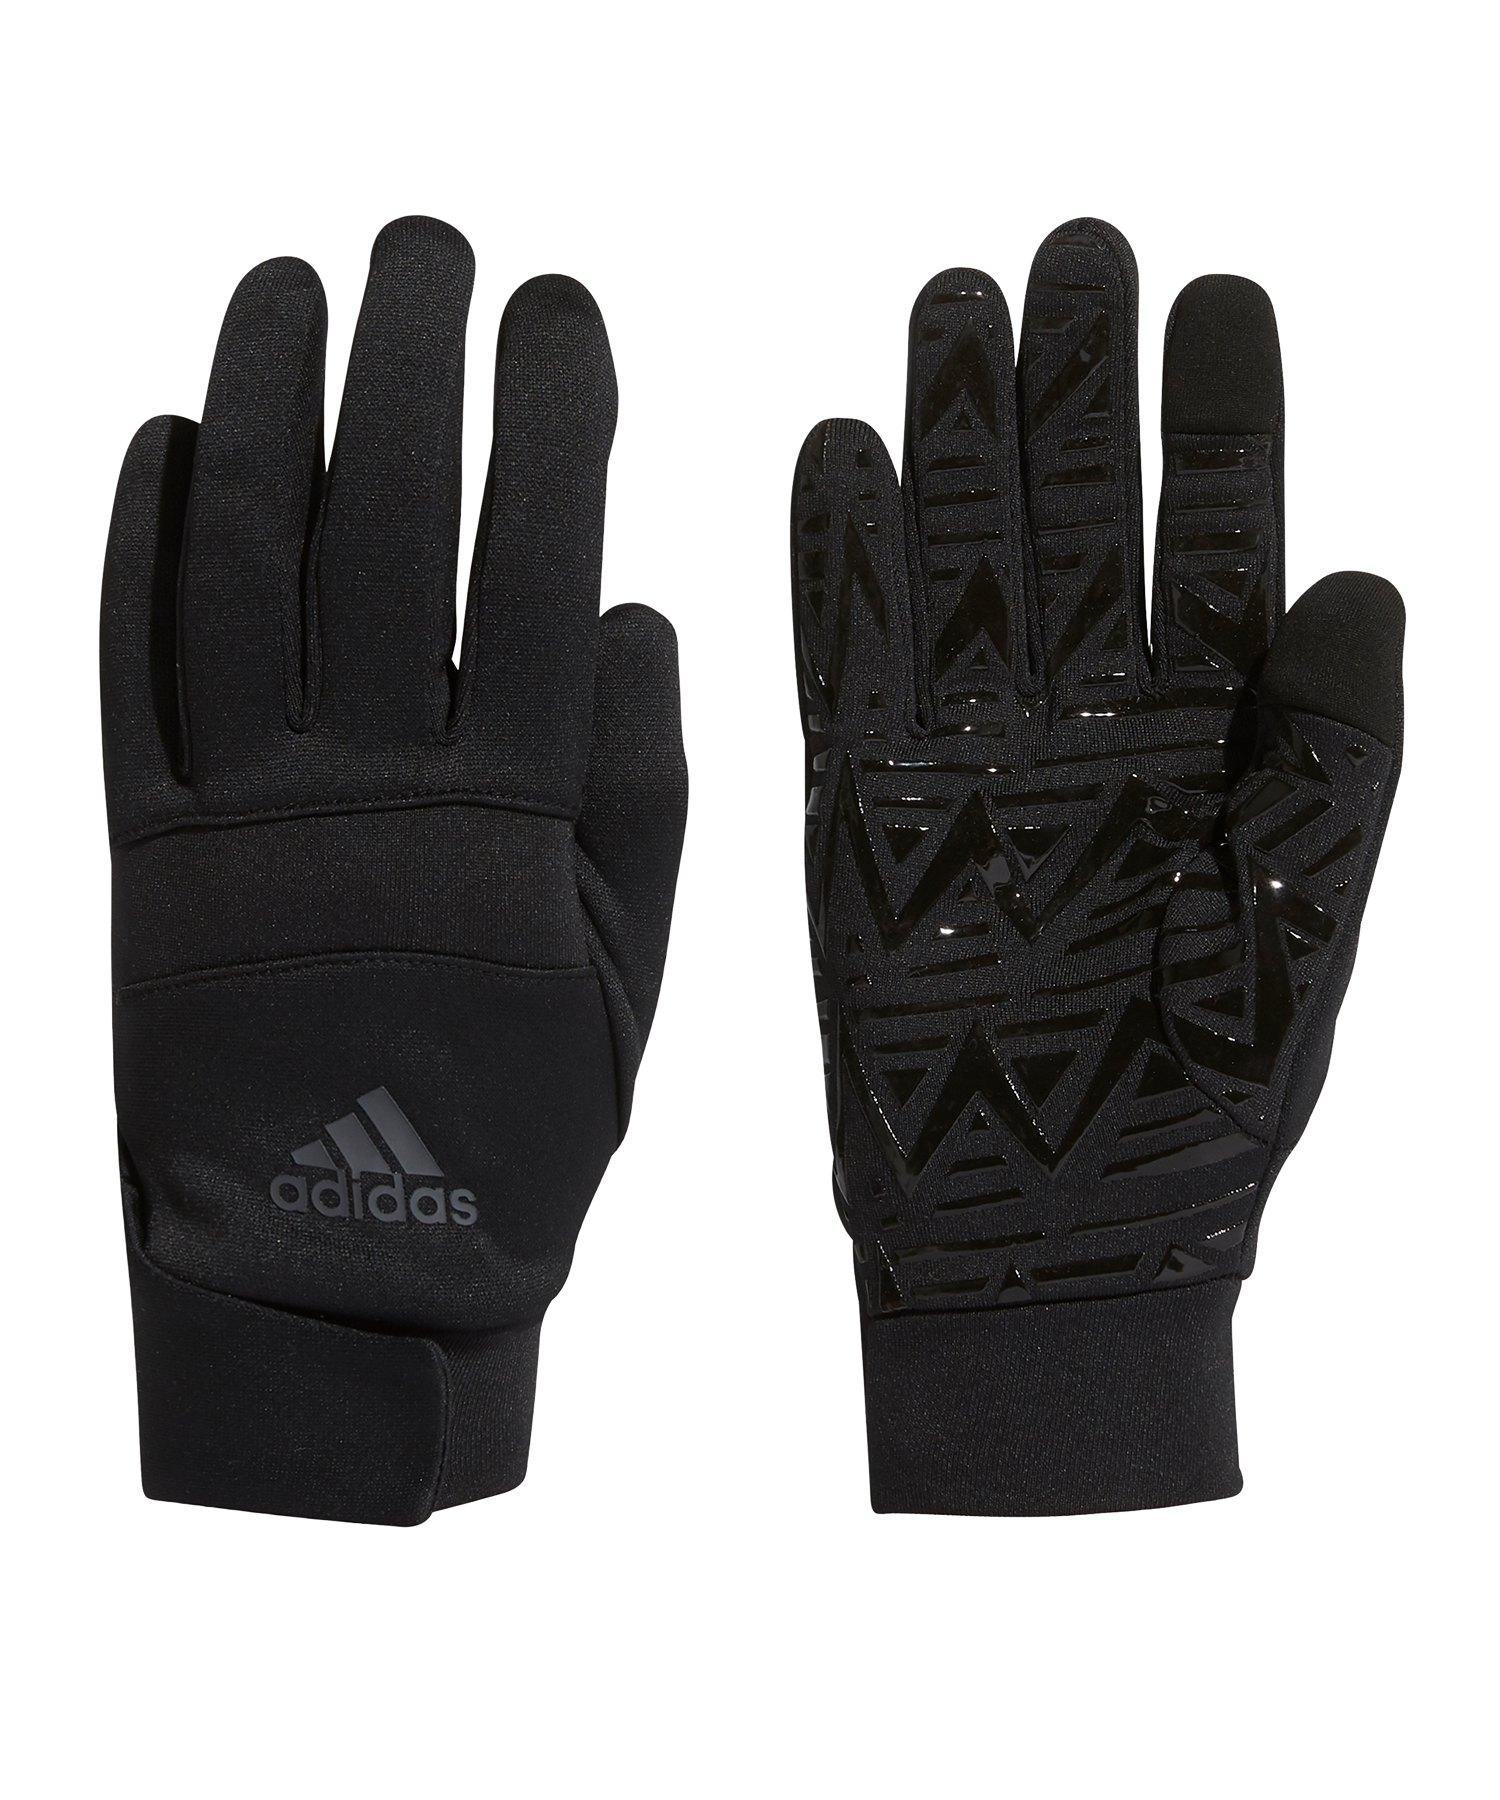 adidas Gloves Handschuhe Schwarz Rot - schwarz